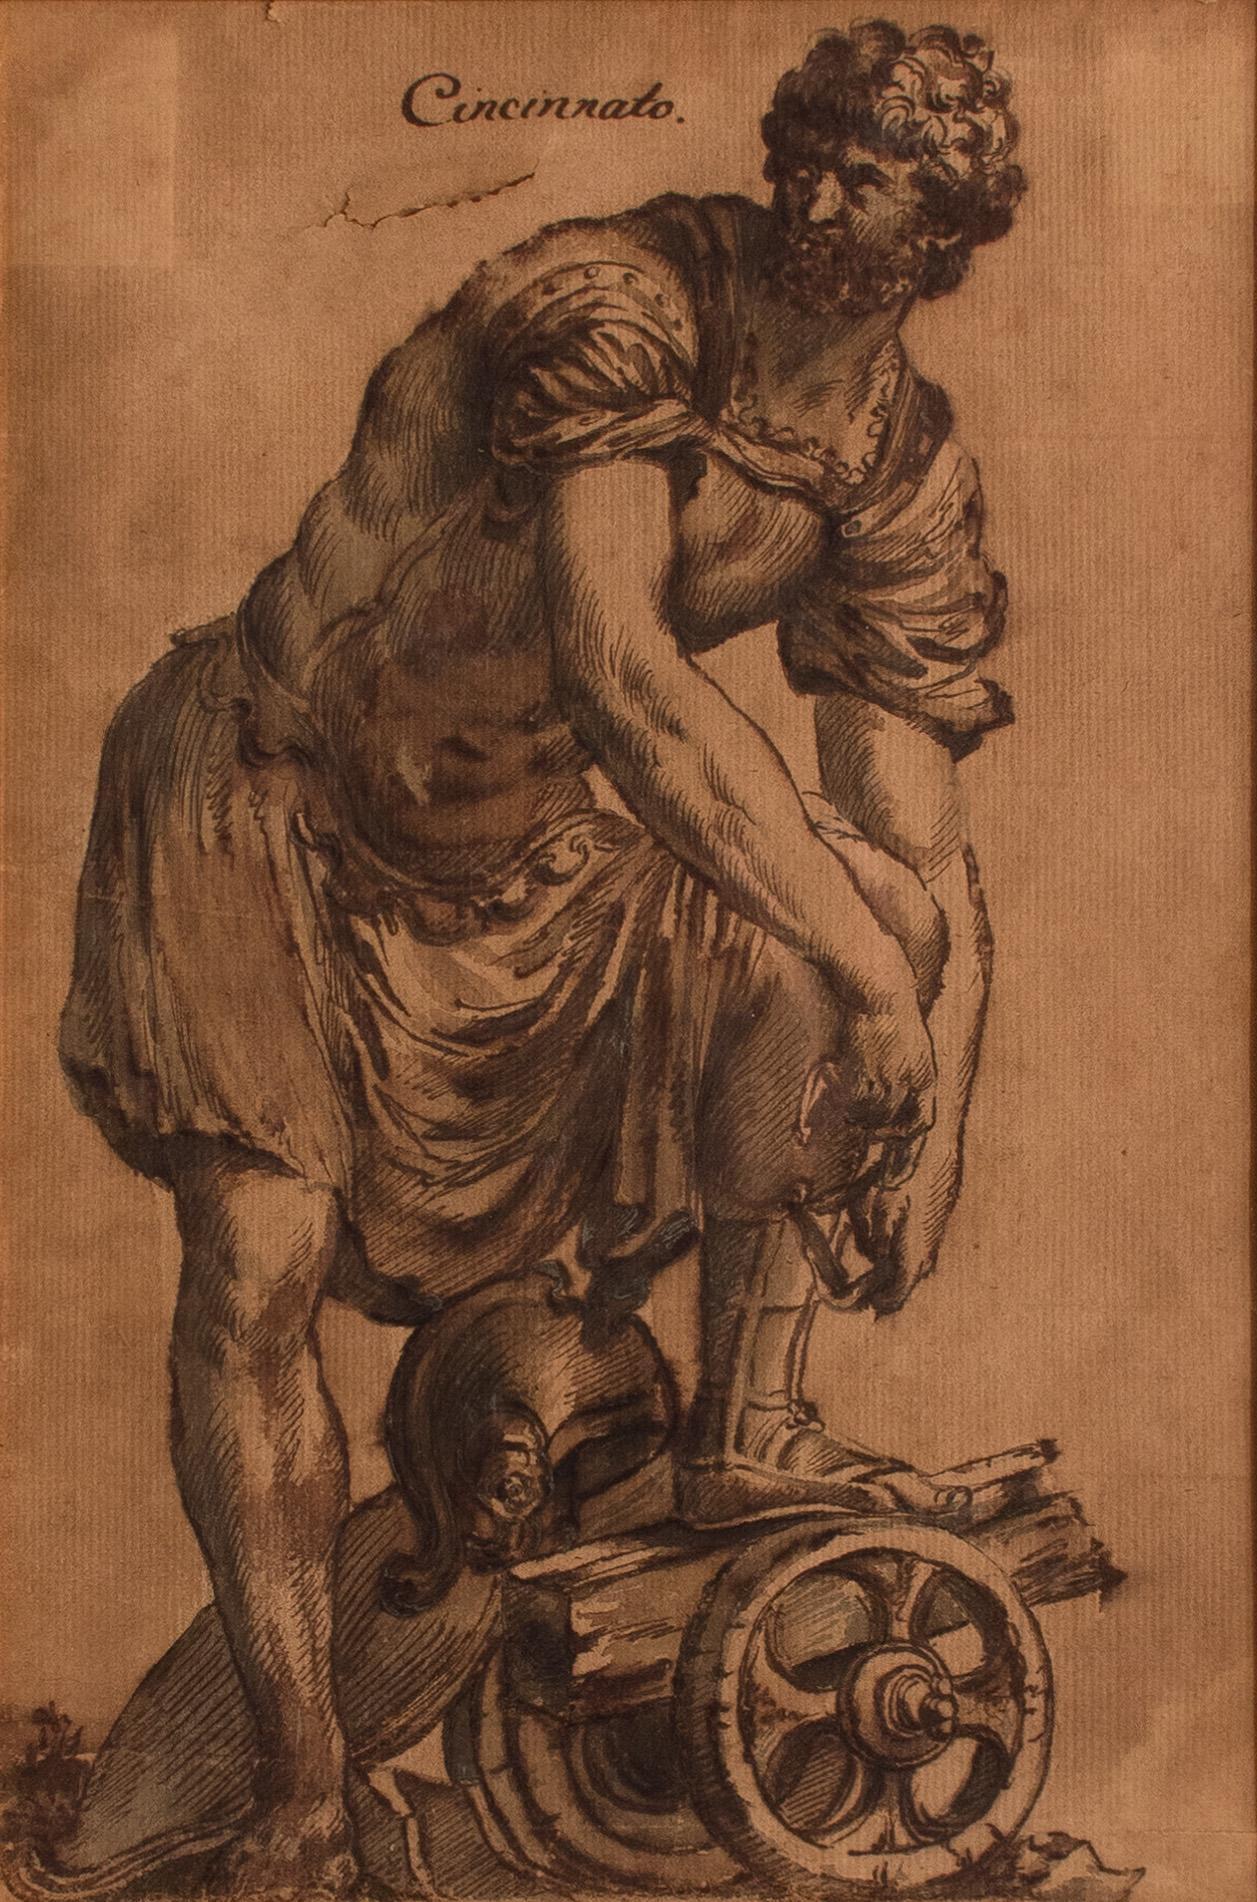 Cincinnato - Original Ink and Watercolor by Italian Master 18th Century